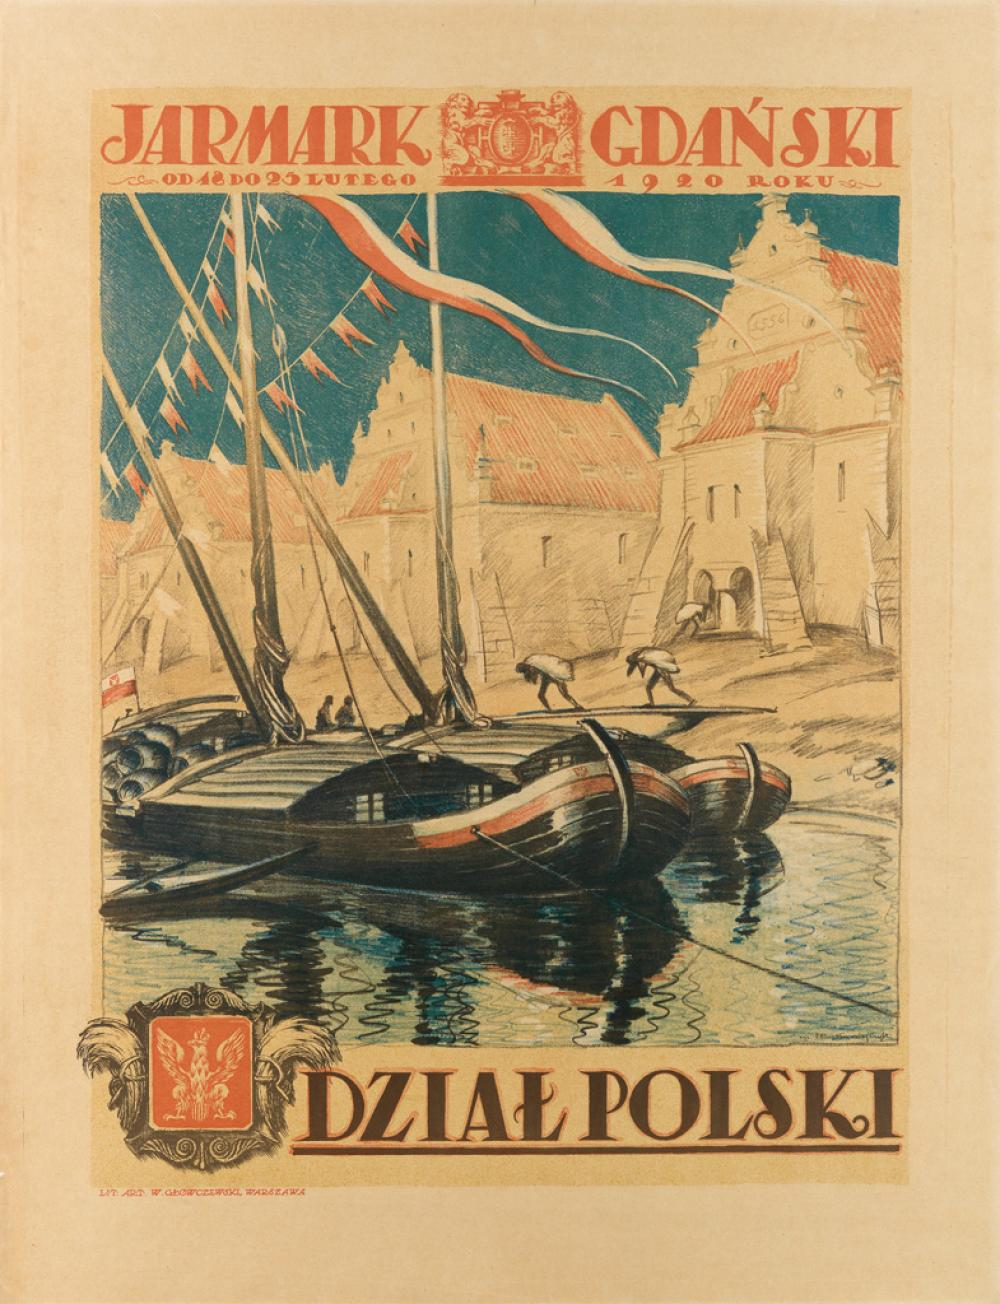 EDMUND BARTLOMIEJCZYK (1885-1950). JARMARK GDANSKI / DZIAL POLSKI. 1920. 35x27 inches, 91x69 cm. G. Geowczewski, Warsaw.